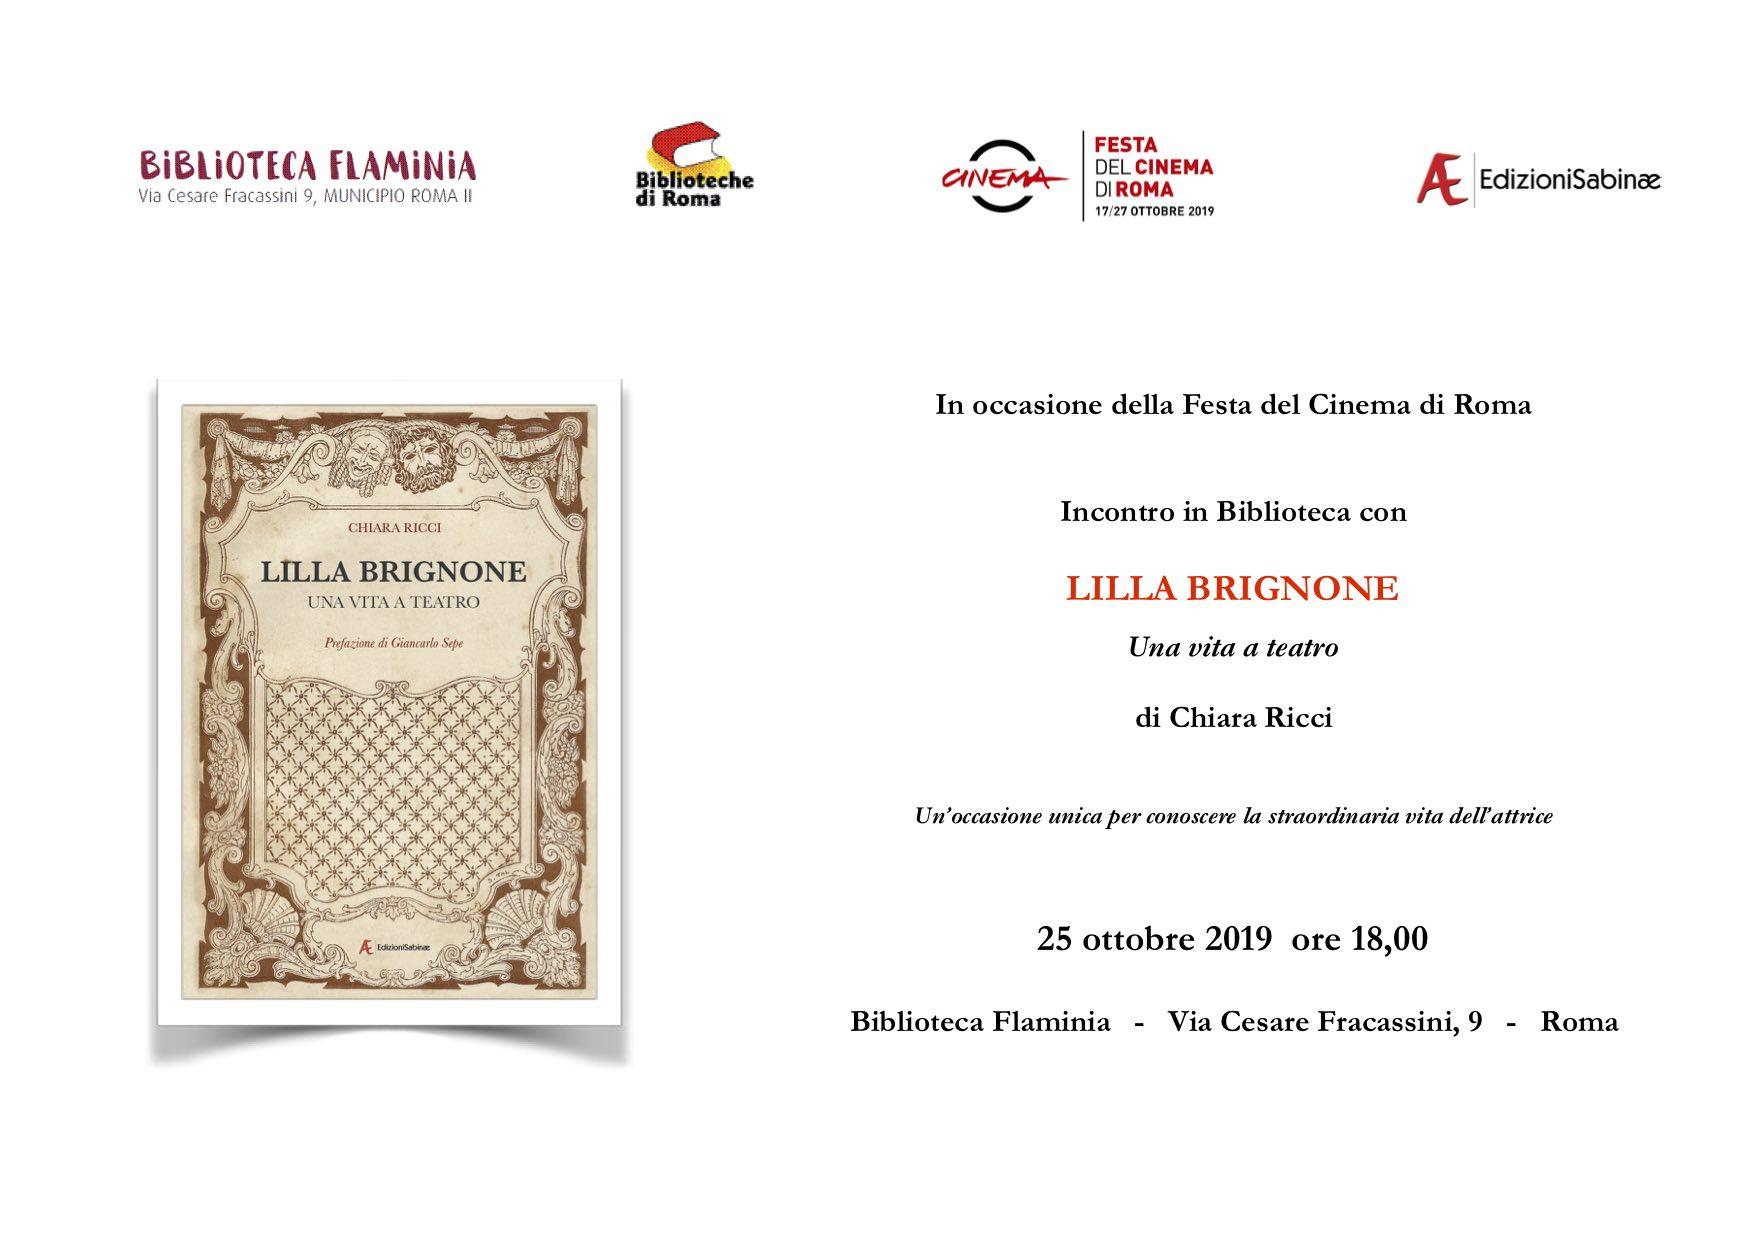 invito-25-ottobre-2019_biblioteca-flaminia_festa-del-cinema-roma-copia